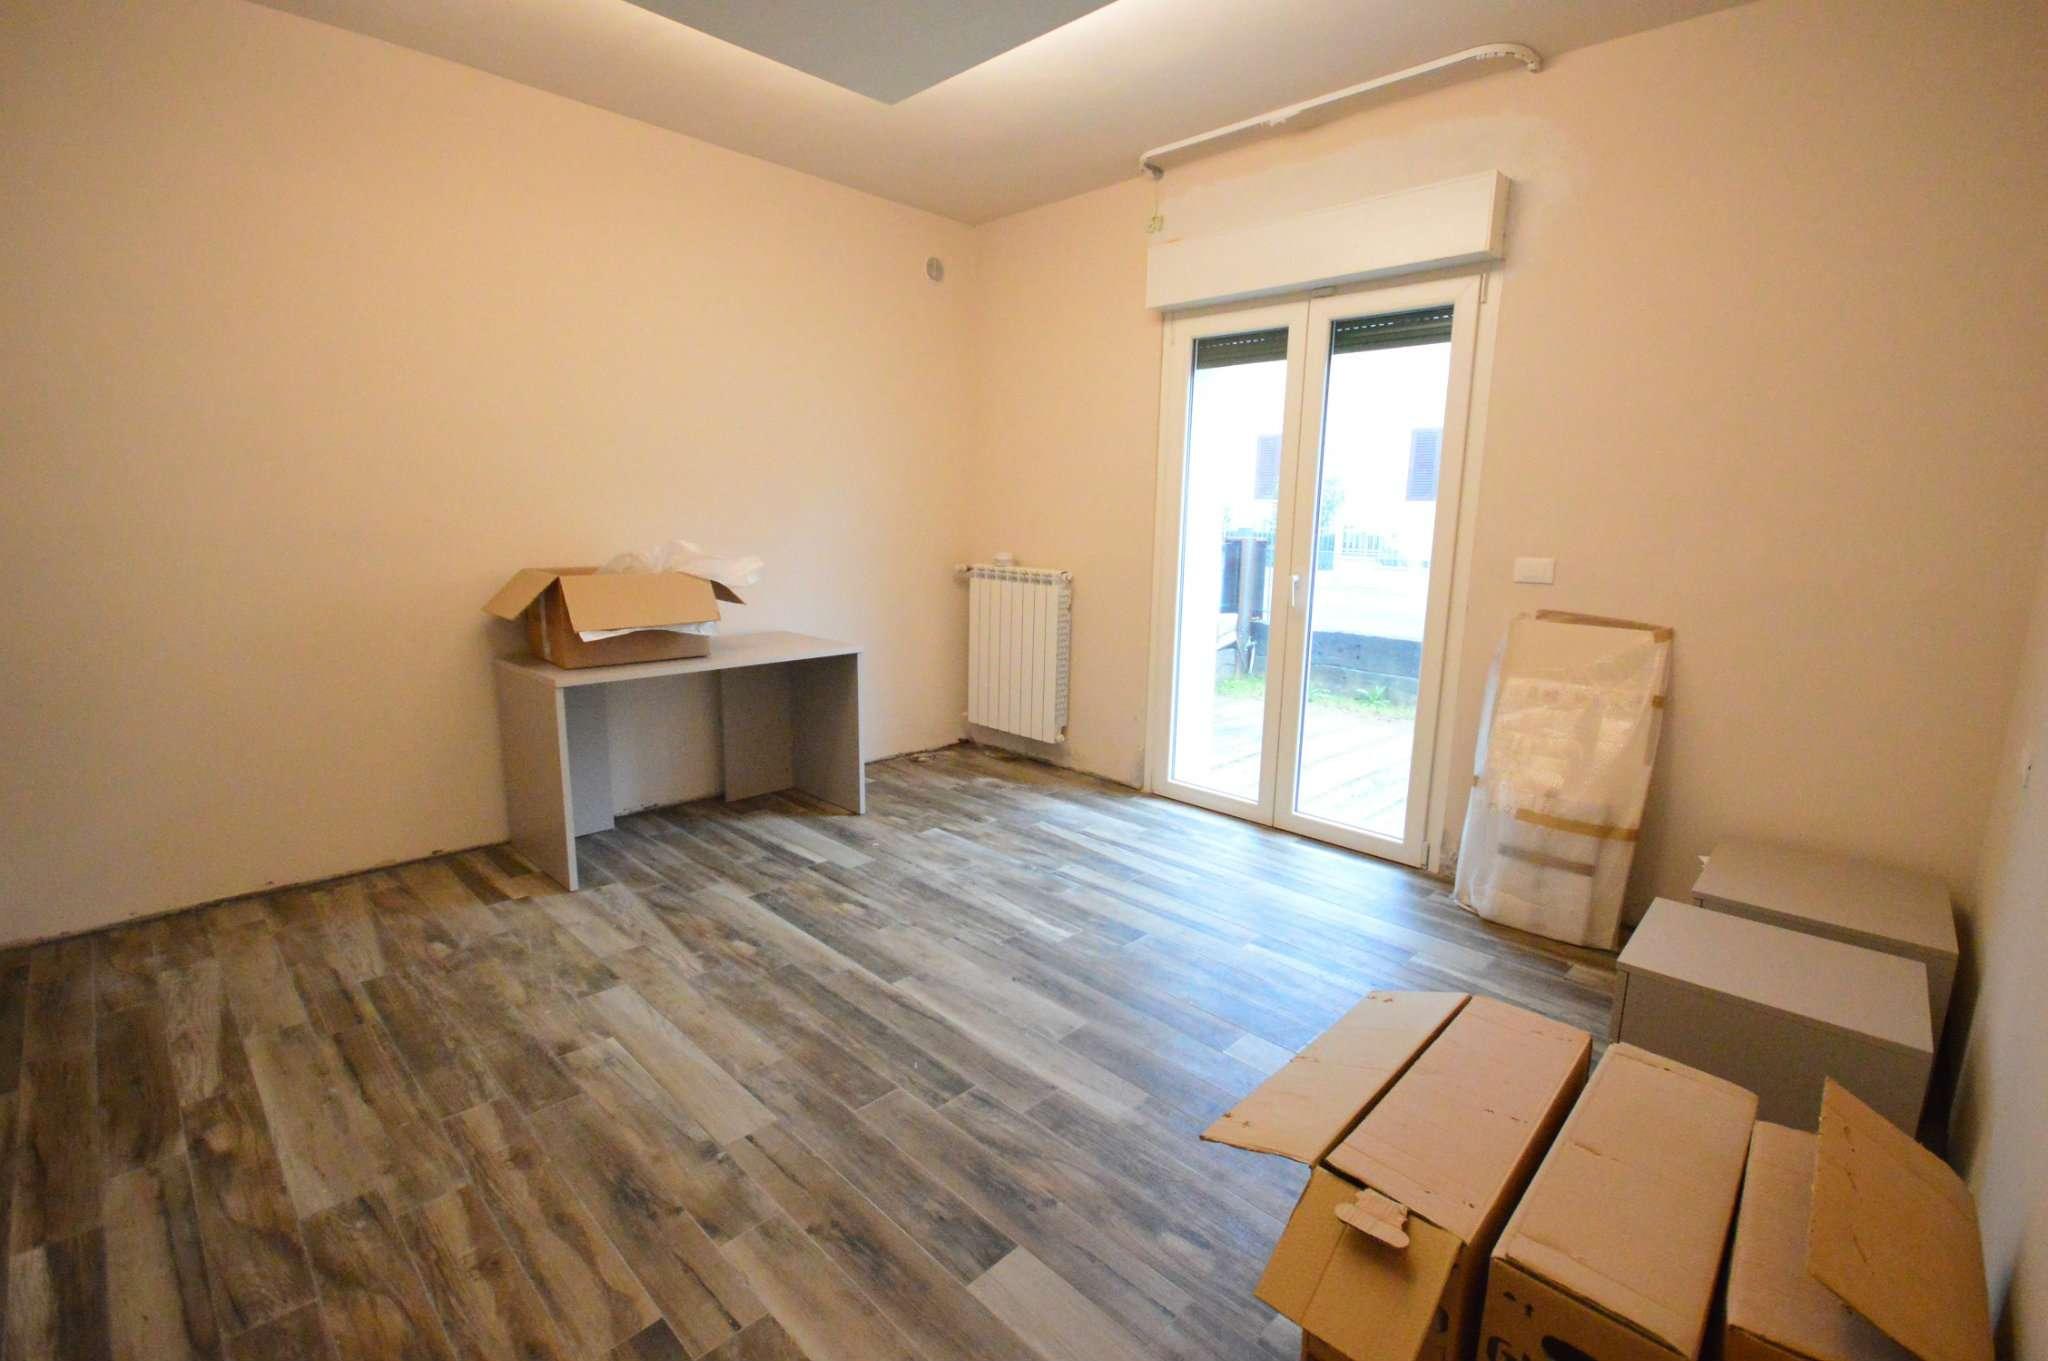 Appartamento in vendita a Montevarchi, 6 locali, prezzo € 280.000 | Cambio Casa.it